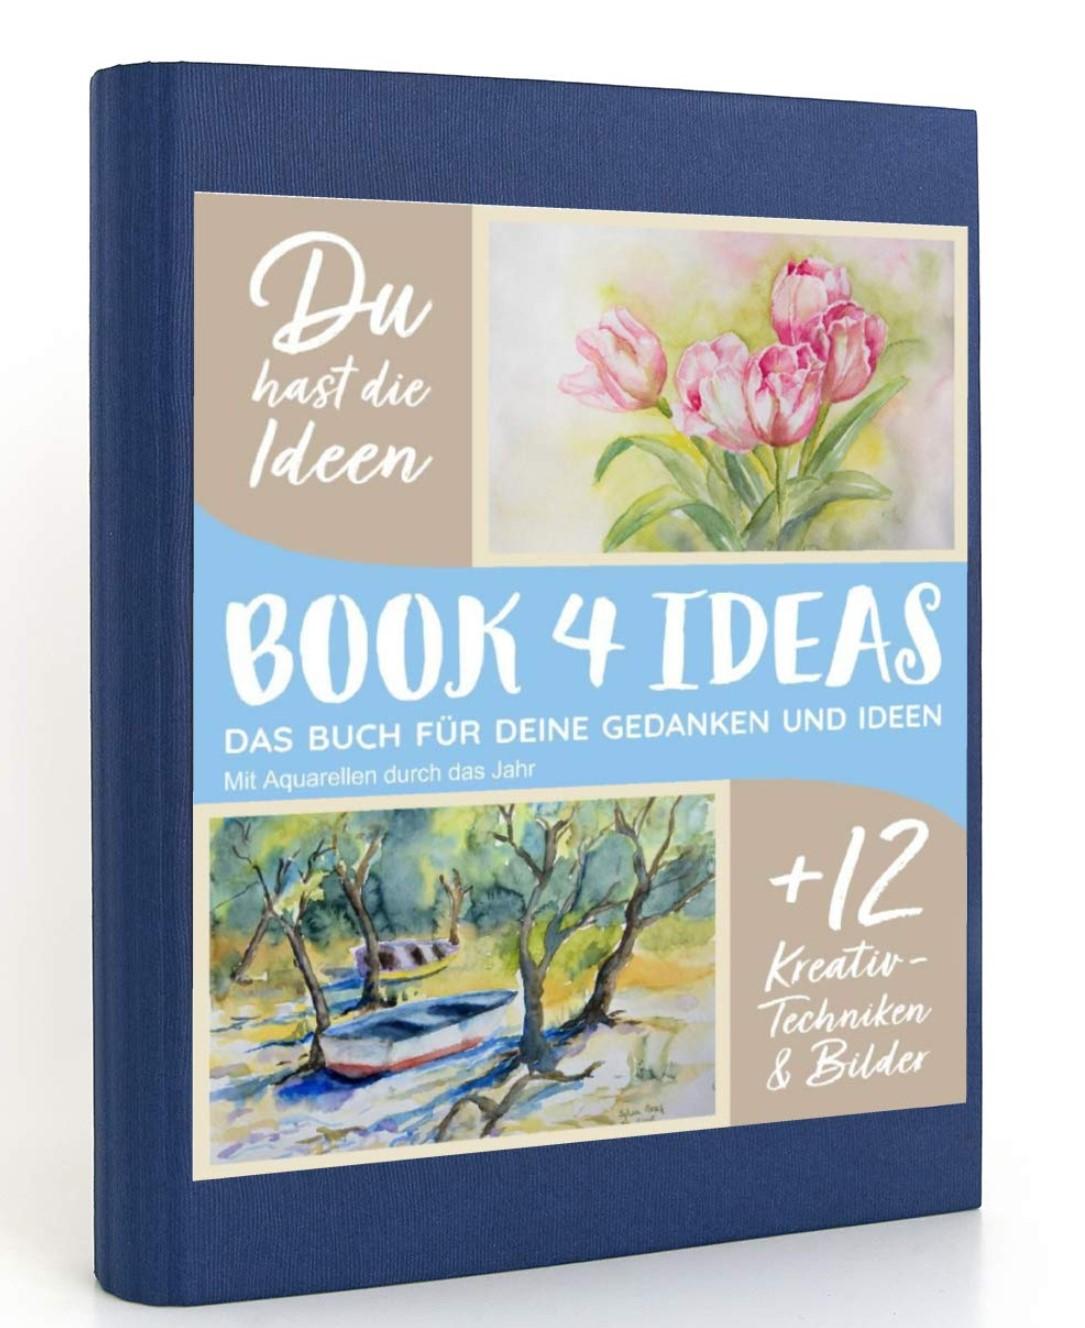 Book 4 Ideas - Mit Aquarellen durch das Jahr